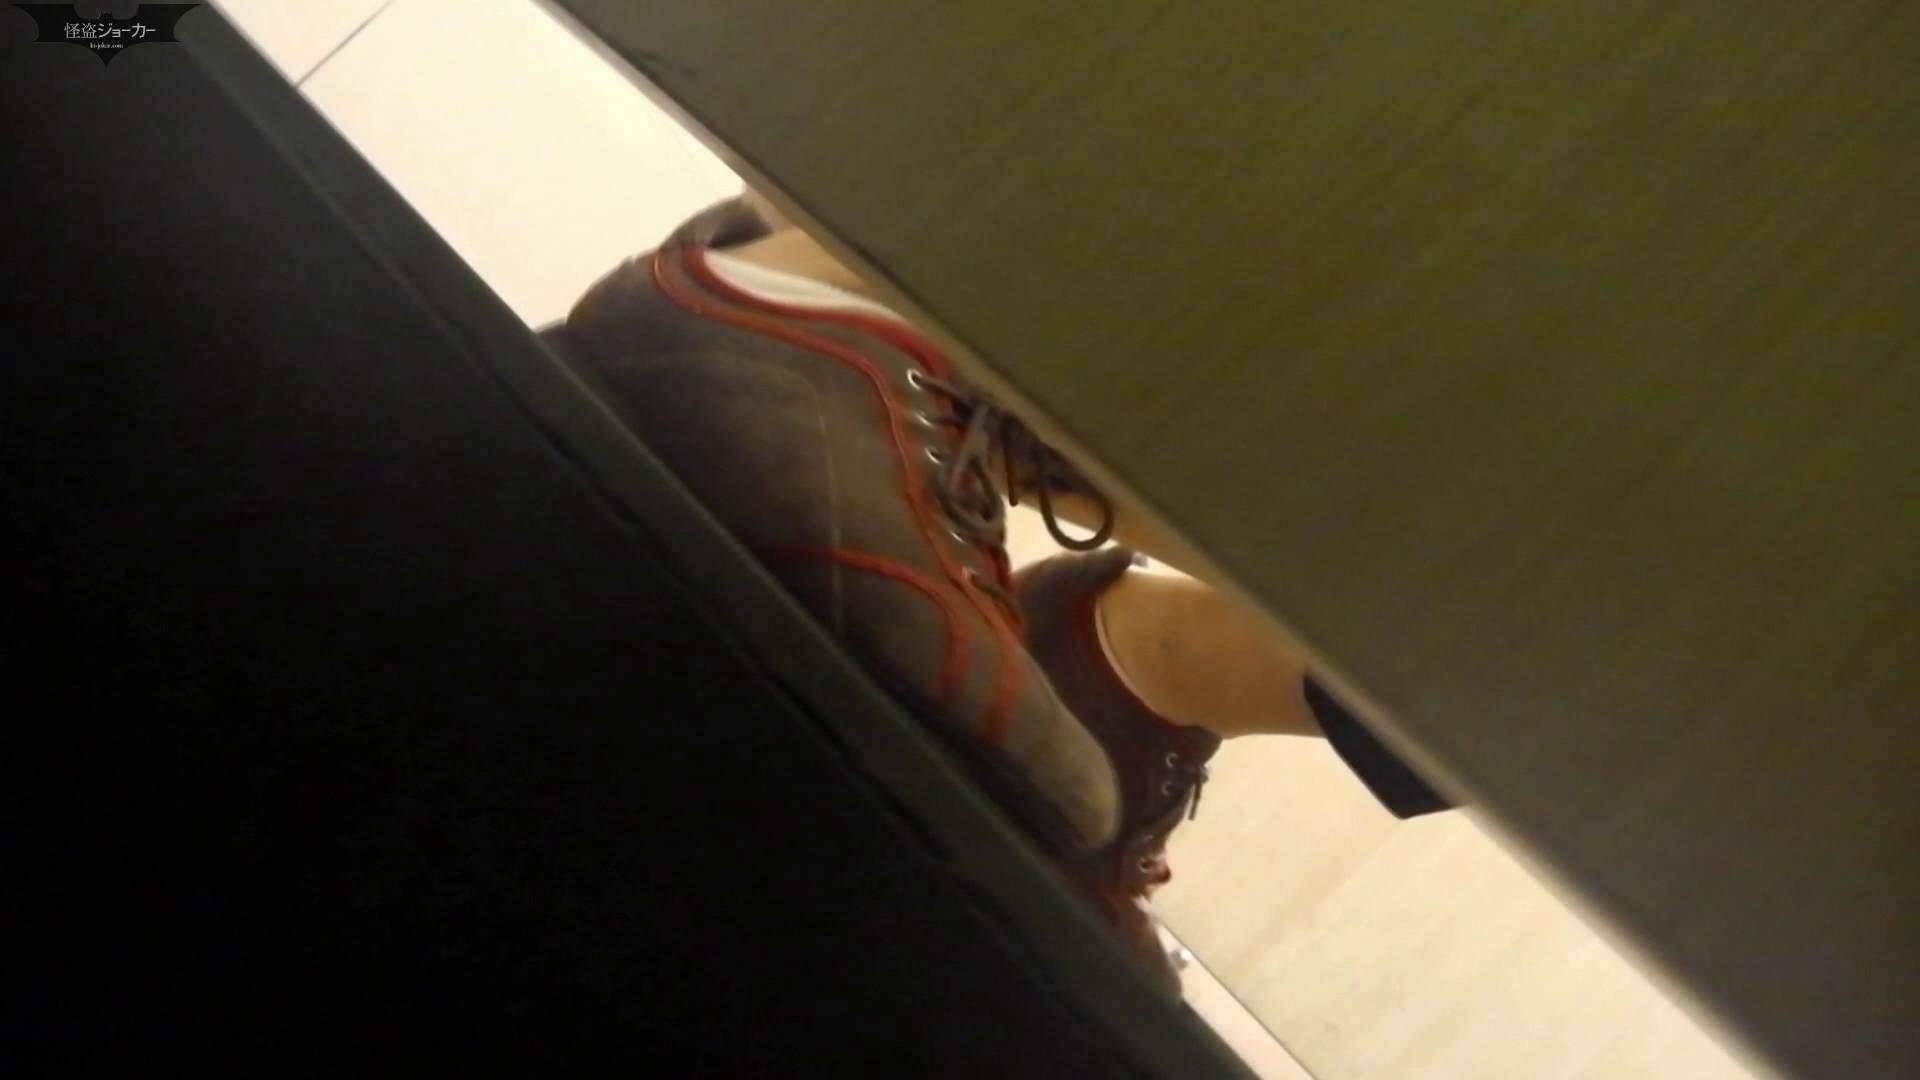 阿国ちゃんの和式洋式七変化 Vol.25 ん?突起物が・・・。 和式便所 セックス無修正動画無料 83枚 55